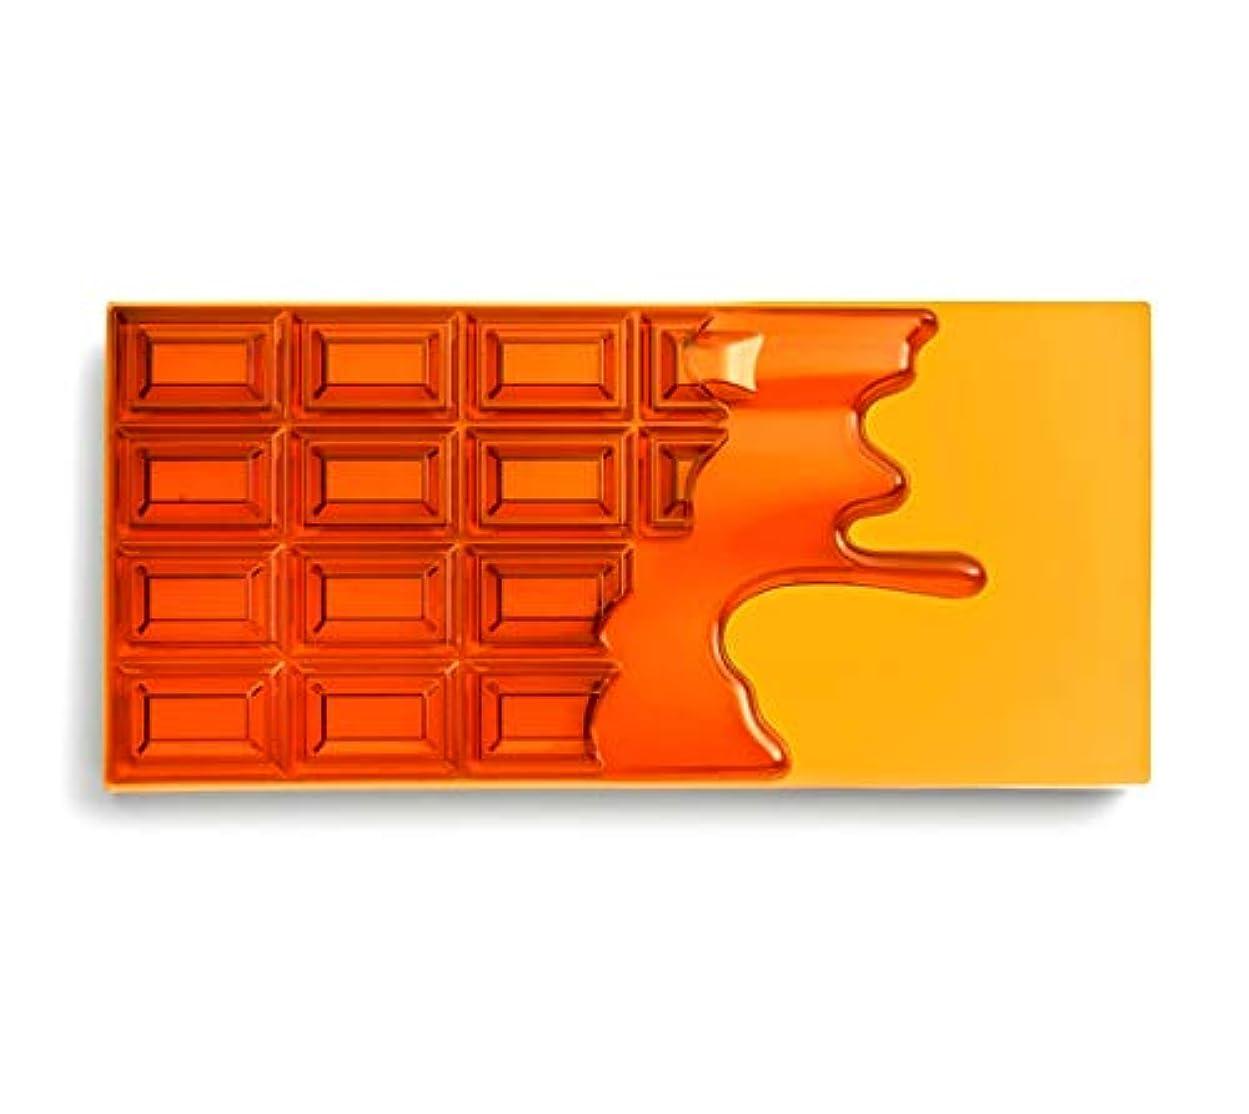 適合するミケランジェロ再生メイクアップレボリューション アイラブメイクアップ チョコレート型18色アイシャドウパレット #Honey Chocolate ハニーチョコレートパレット アイシャドウ